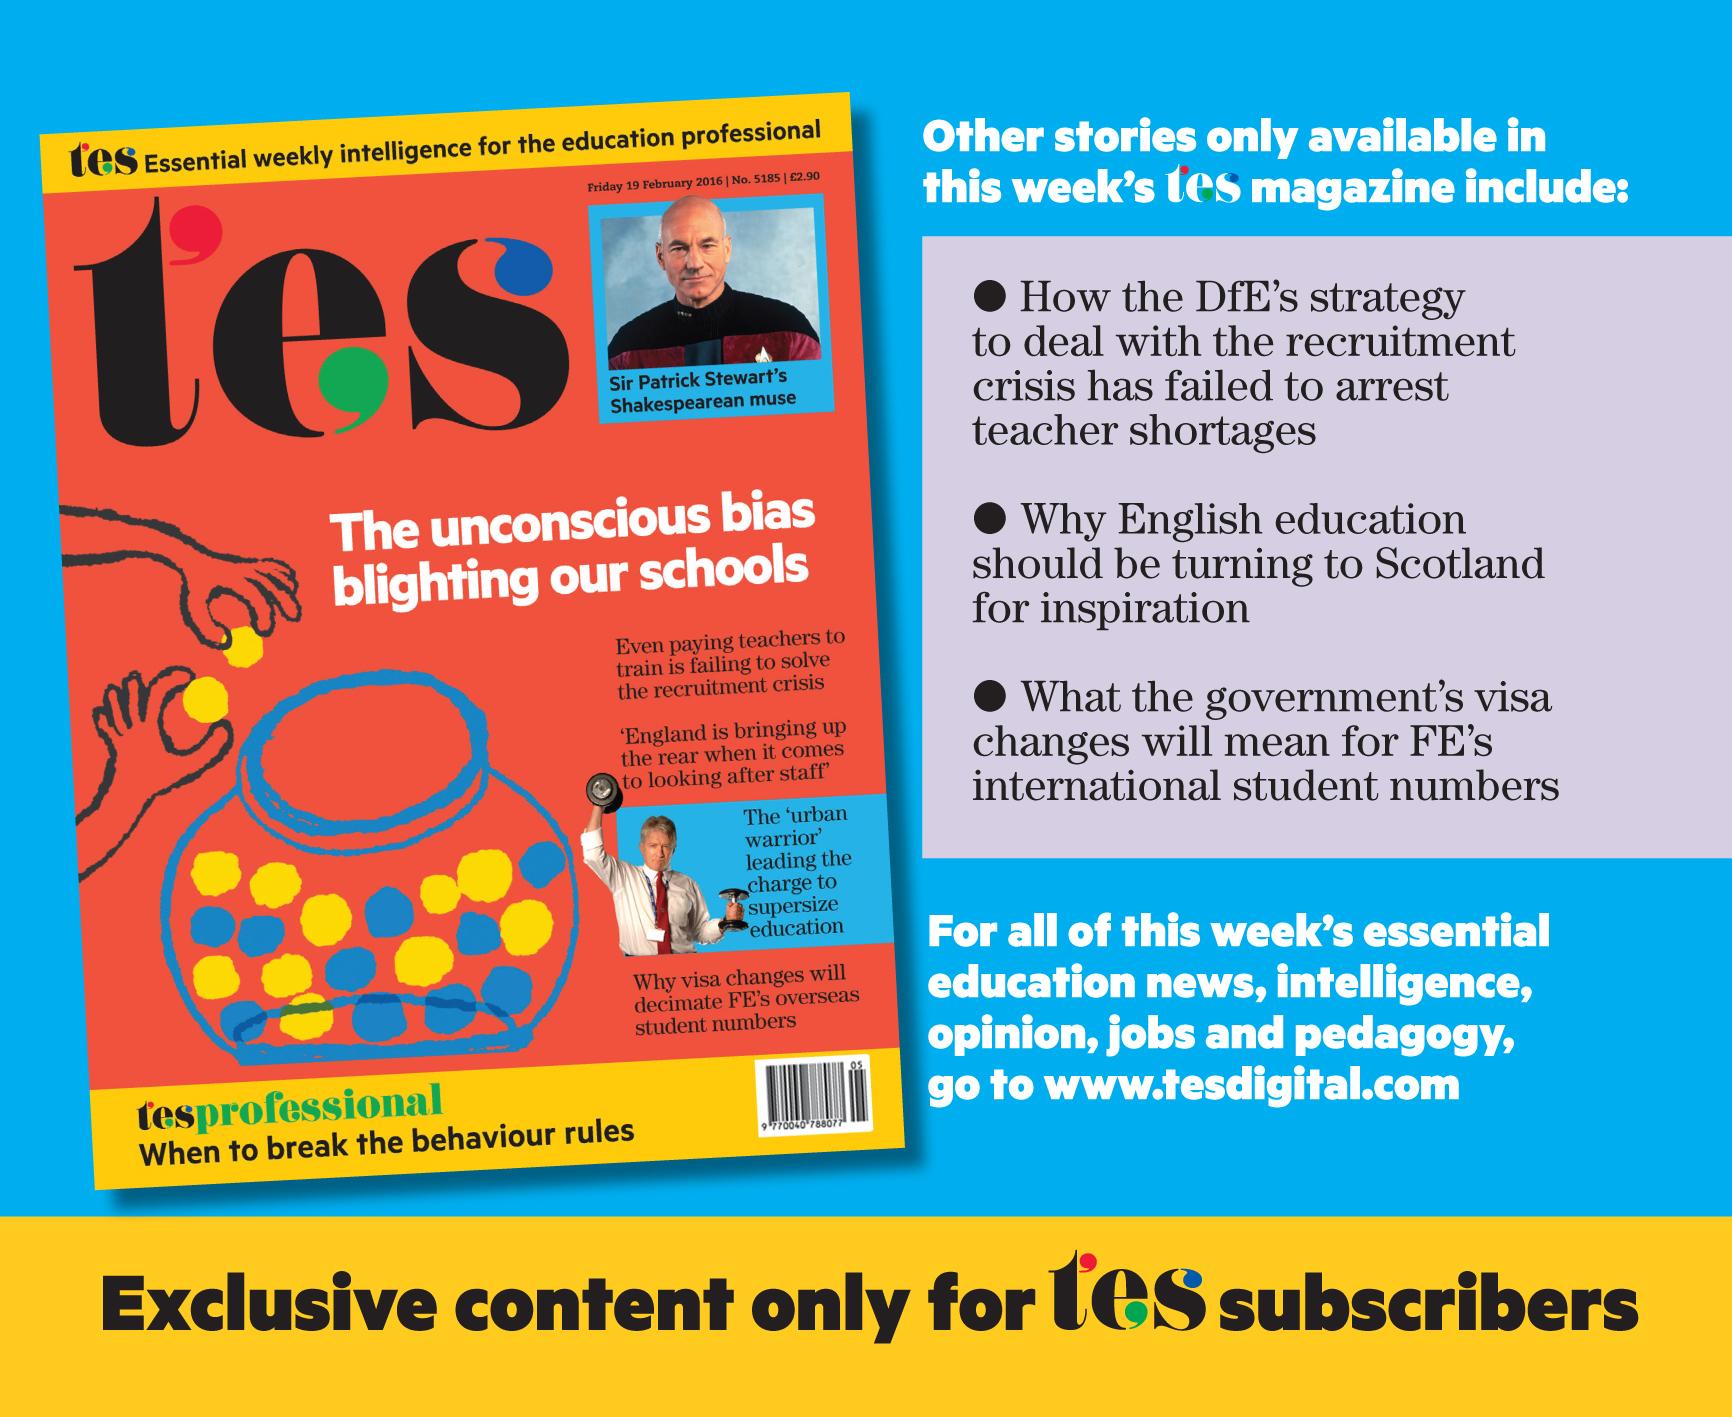 In TES magazine this week